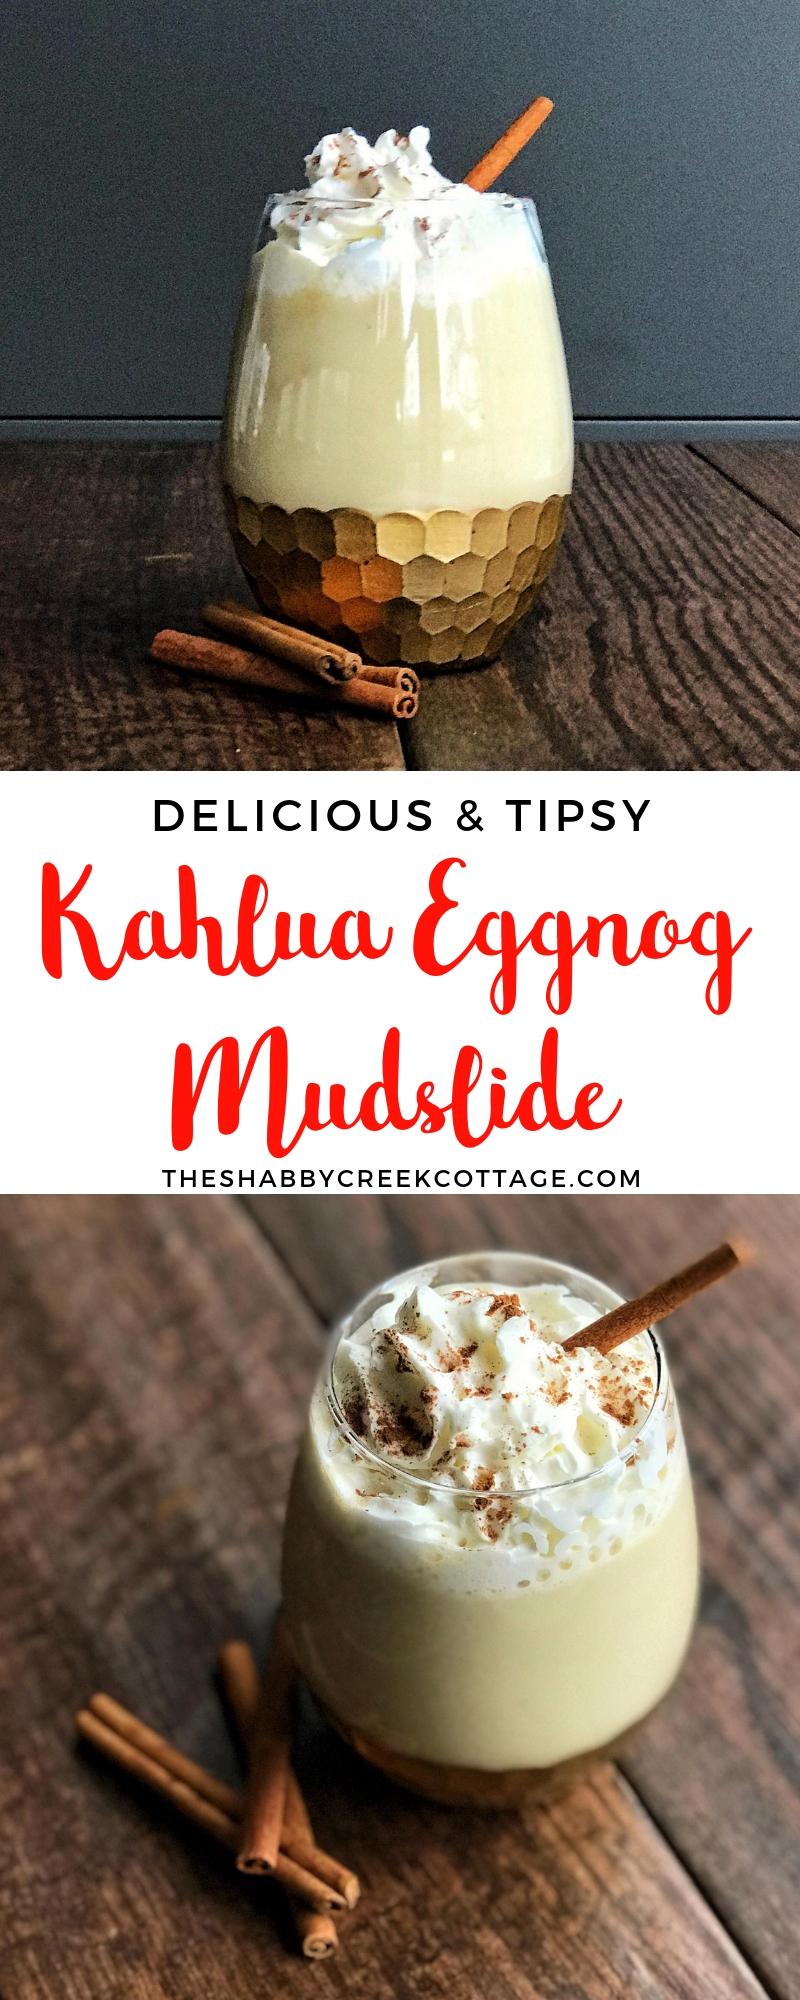 How To Make A Killer Eggnog Mudslide Drink For The Holiday